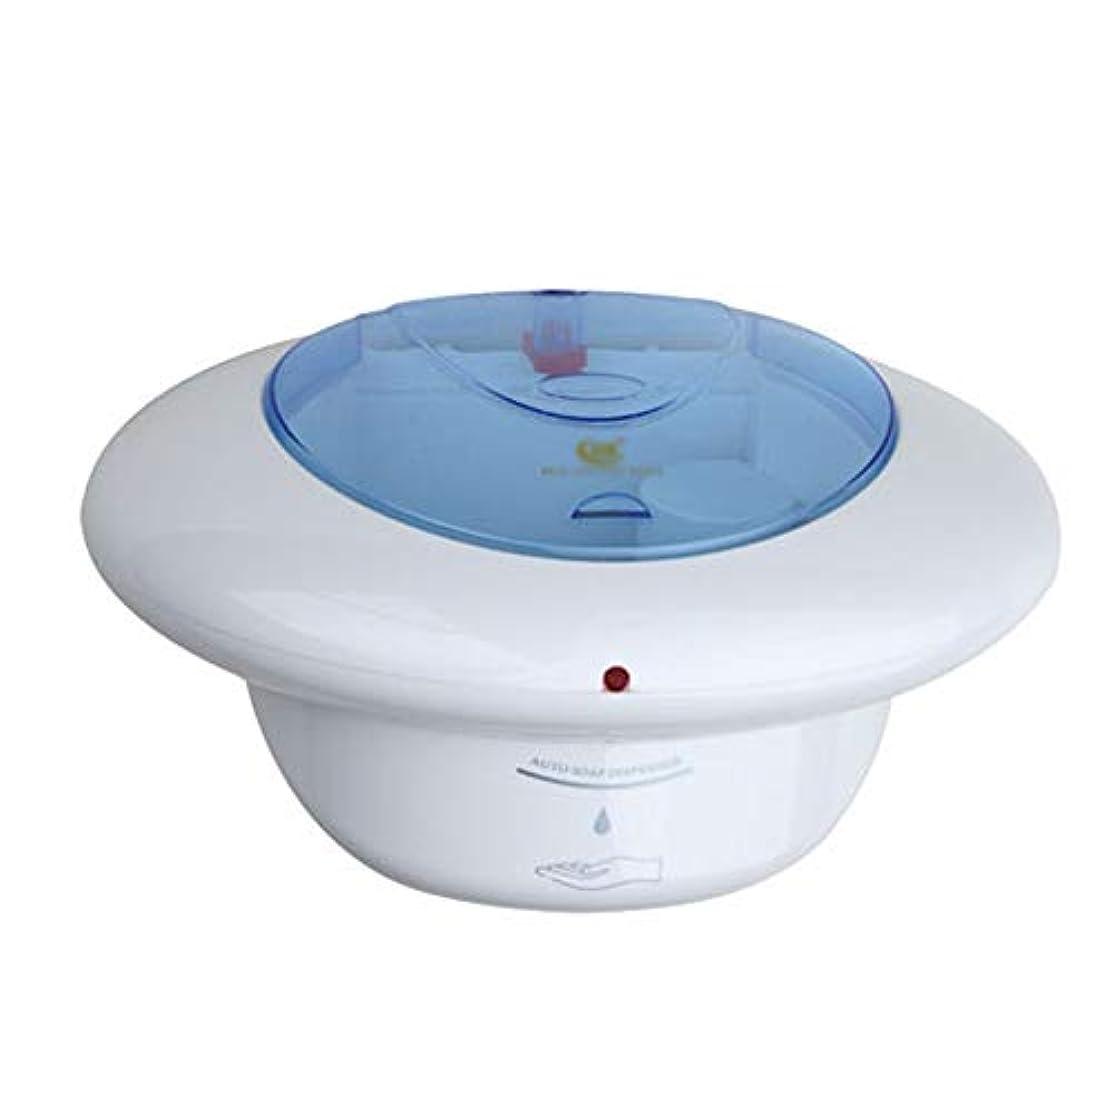 村ロイヤリティ匹敵しますソープディスペンサー 700mlの容量赤外線検出壁掛け自動ソープディスペンサー ハンドソープ 食器用洗剤 キッチン 洗面所などに適用 (Color : White, Size : One size)